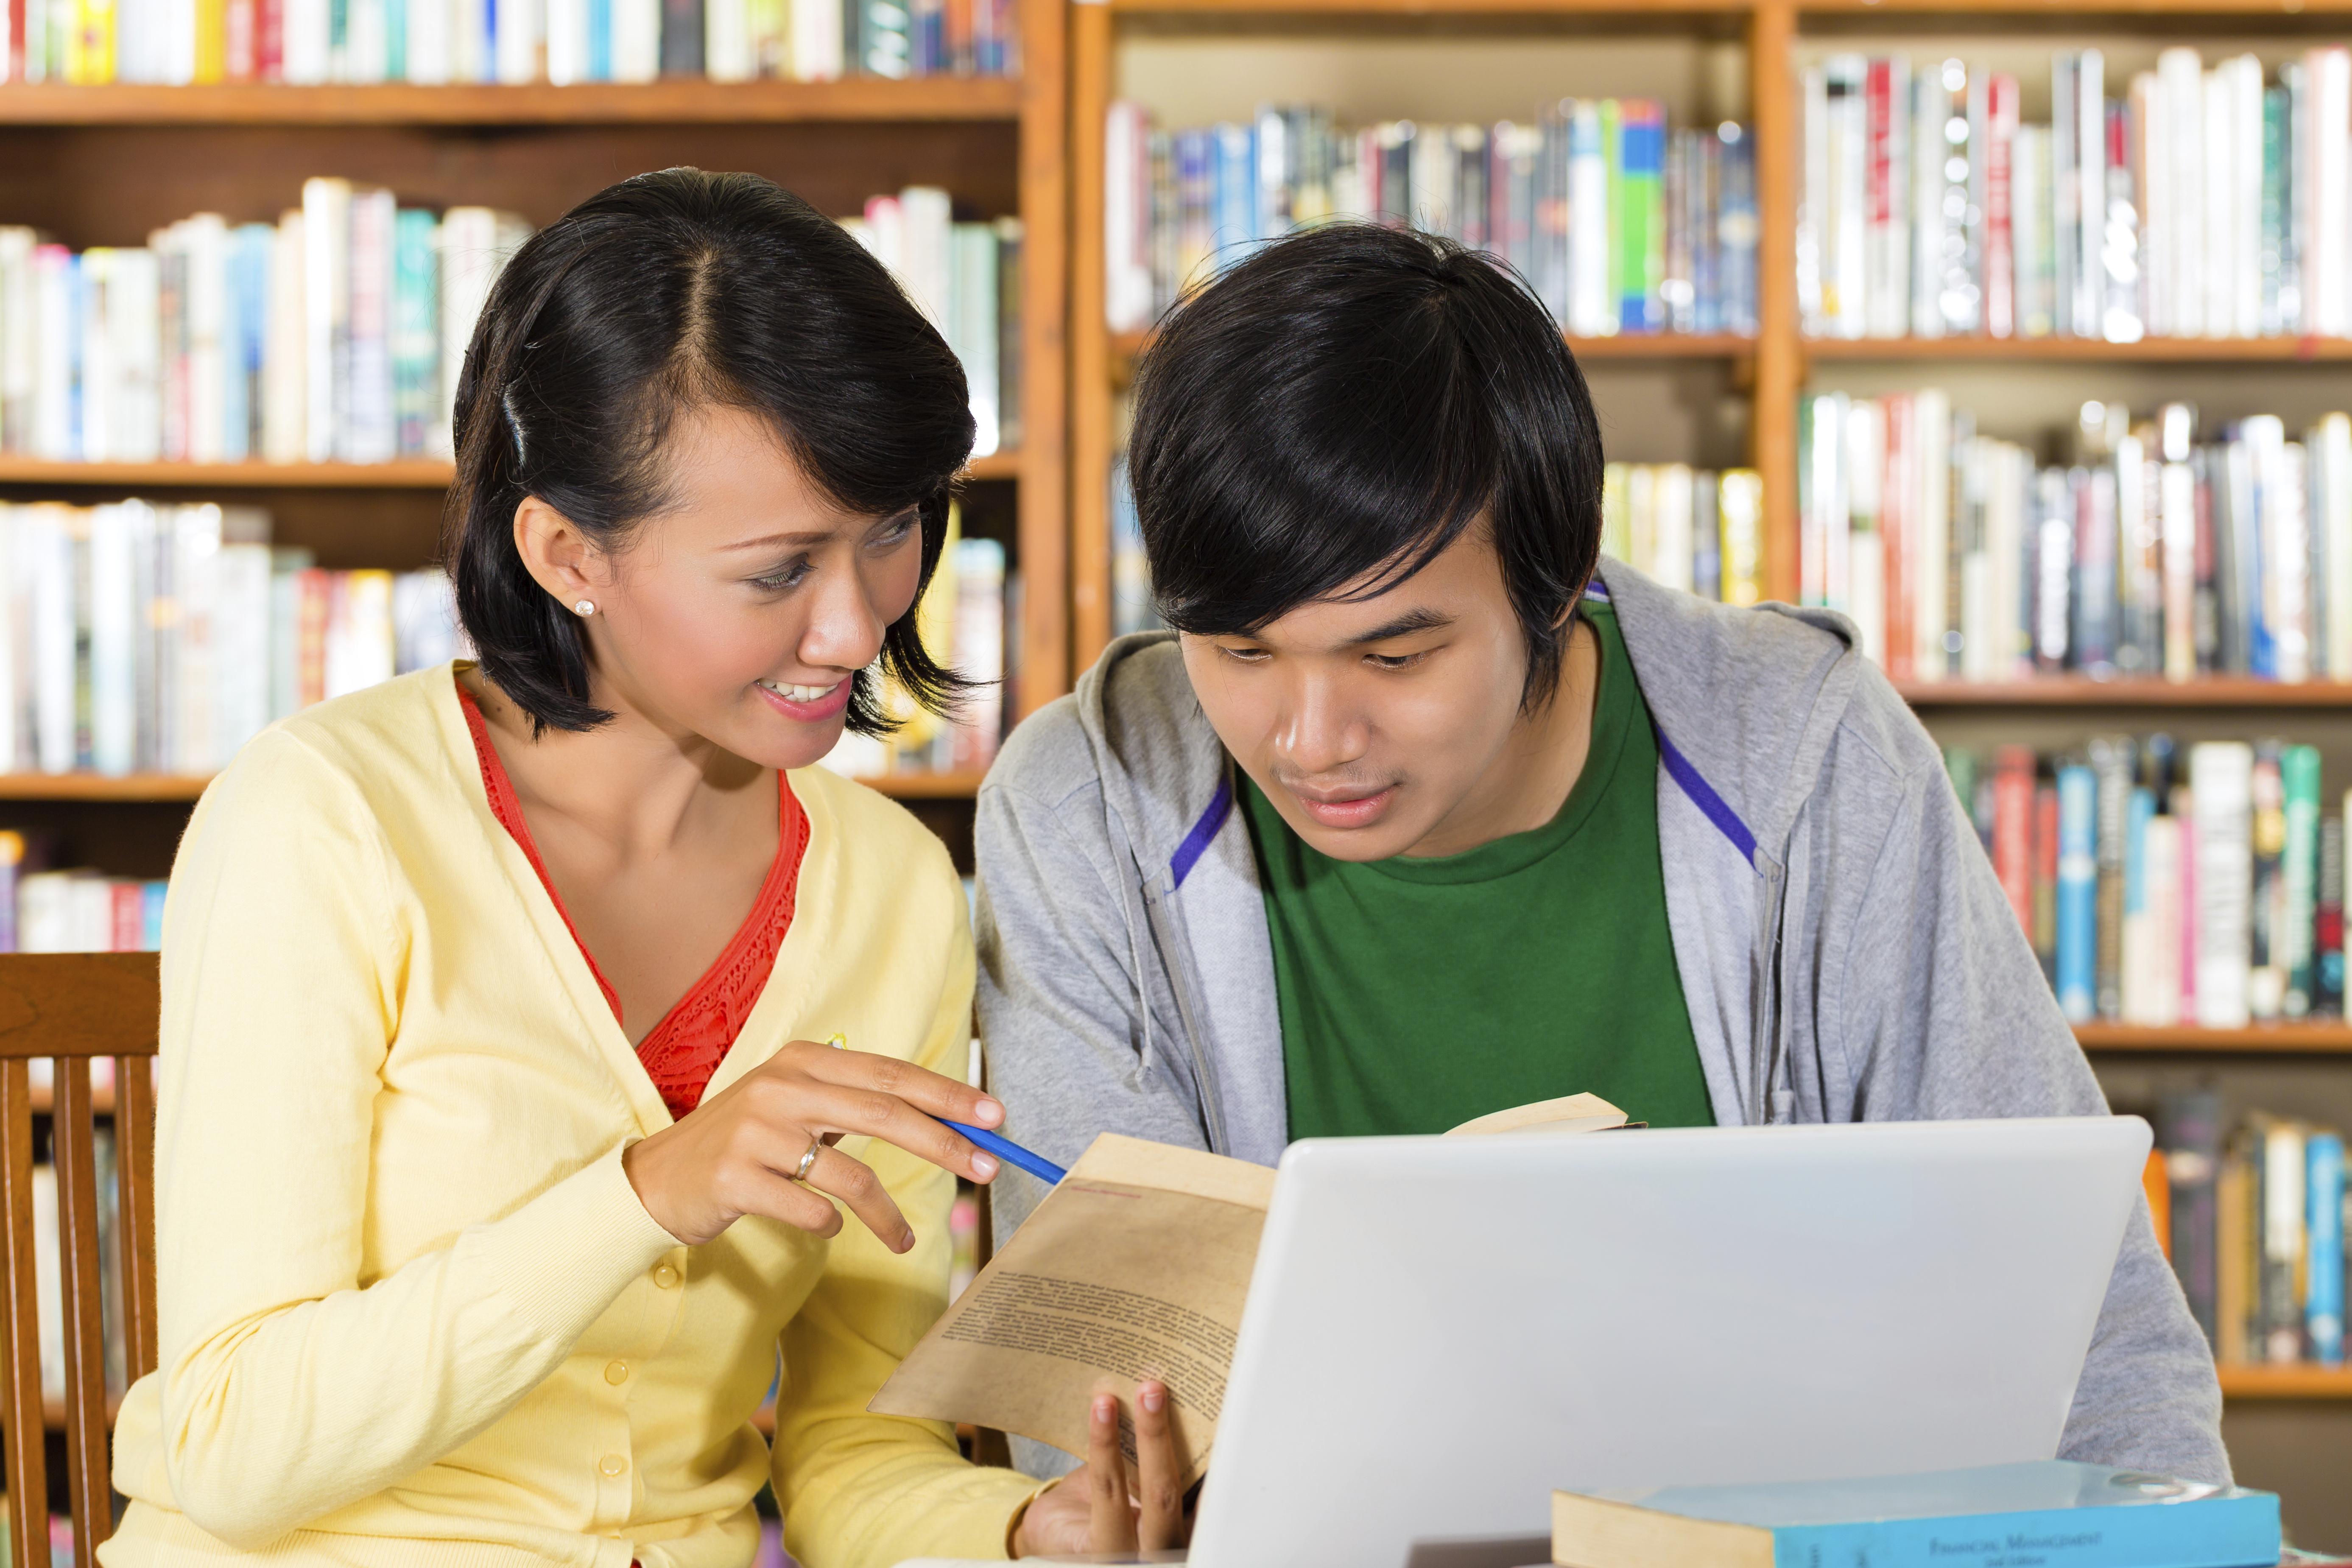 student help161718979